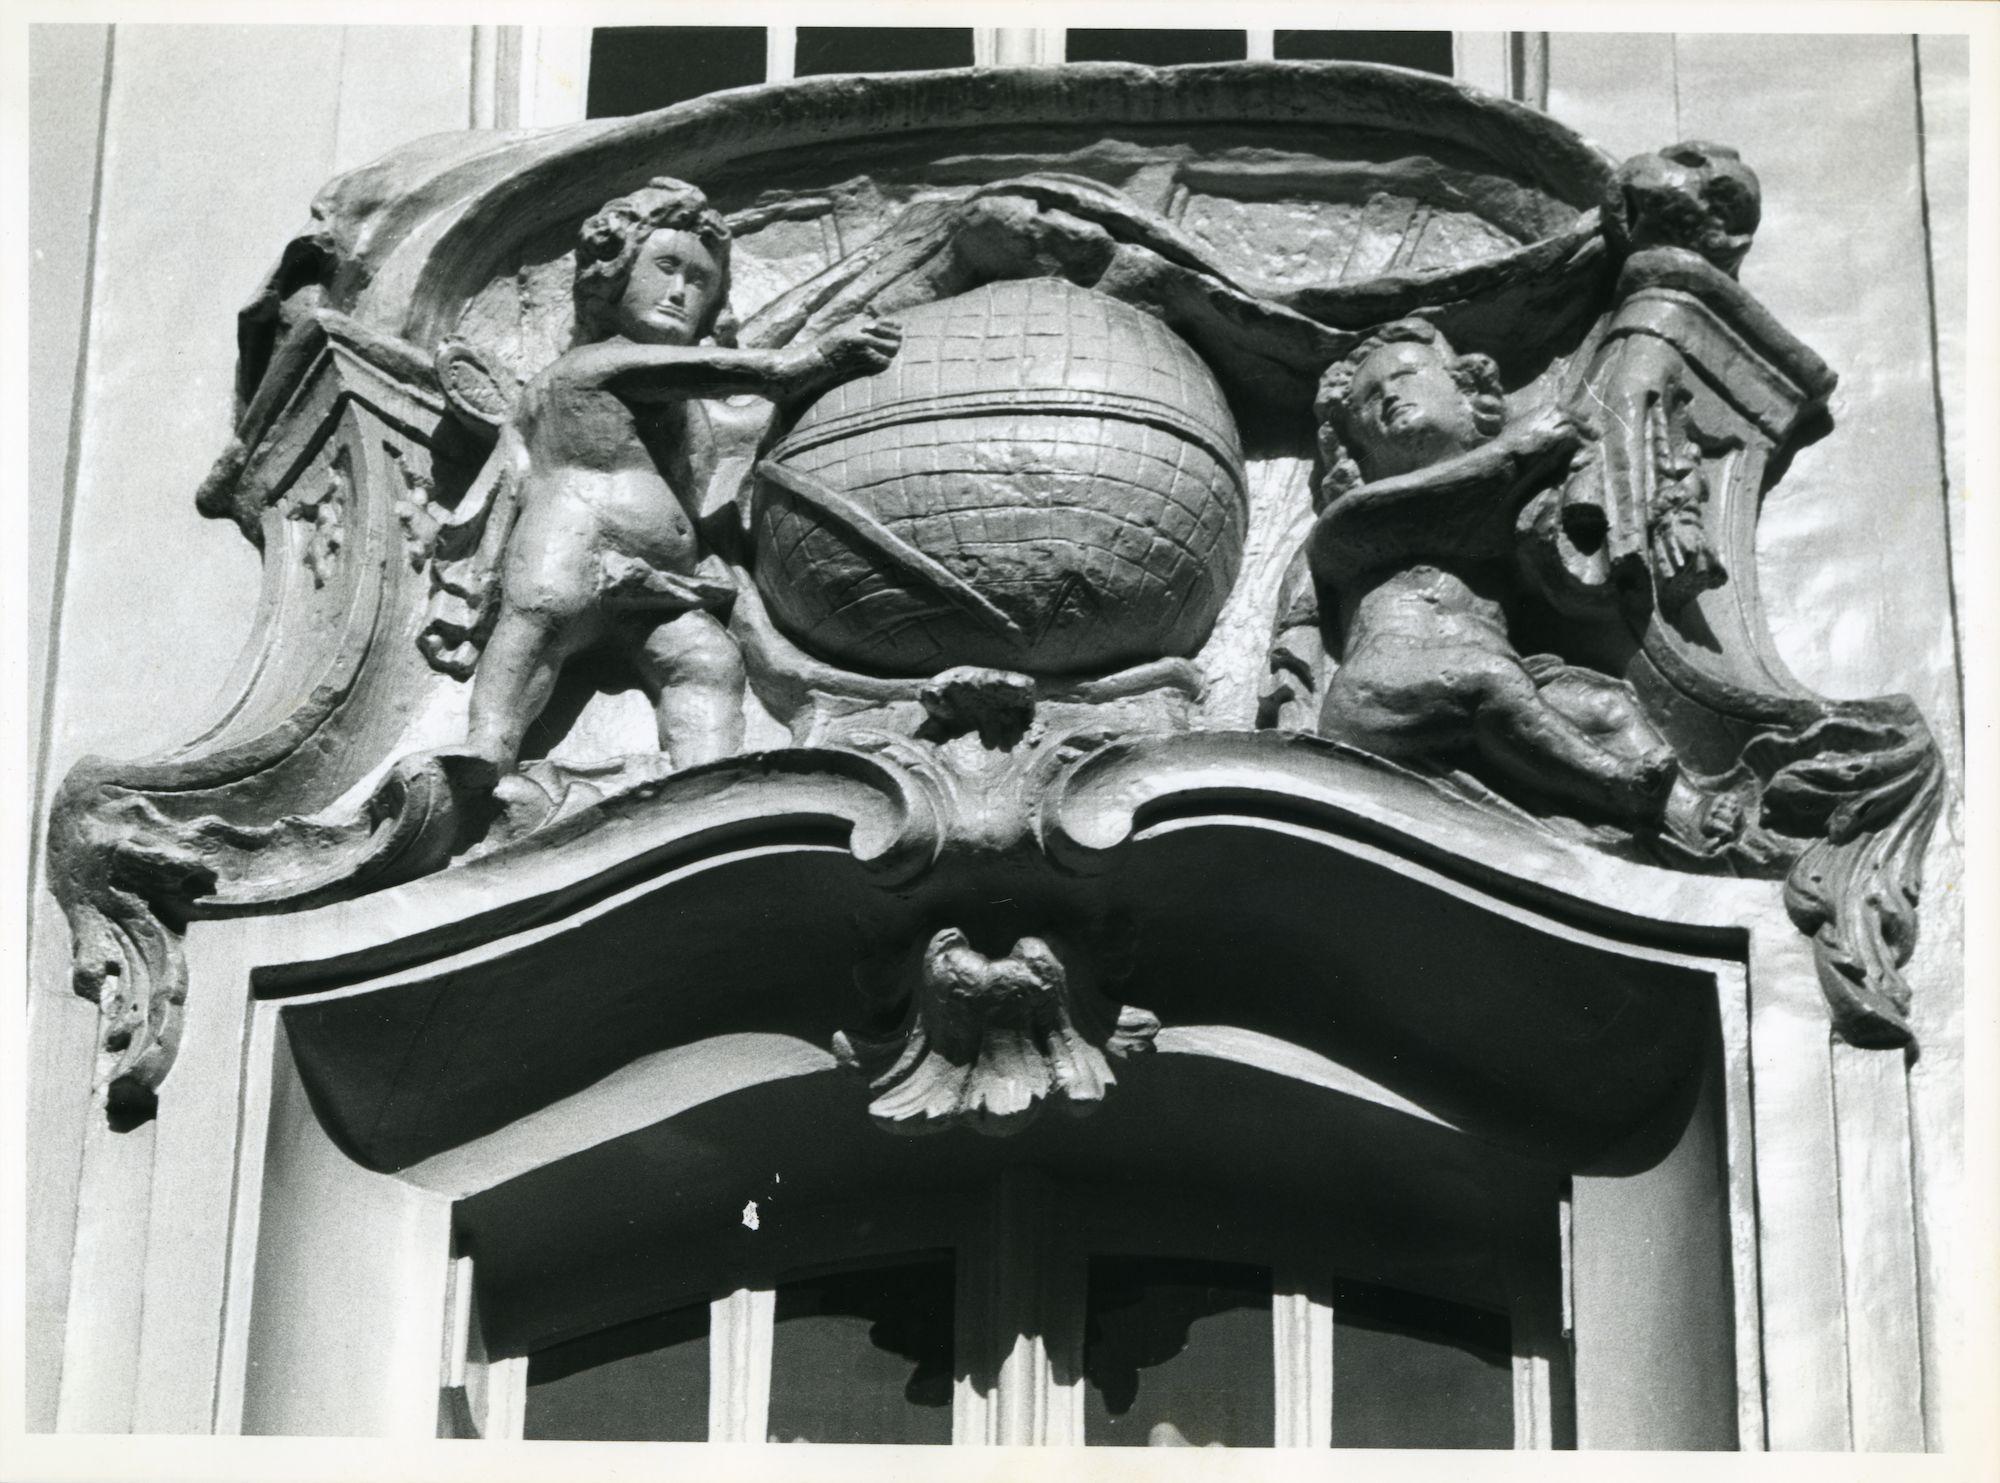 Gent: Veldstraat 82: Beeldhouwwerk, 1979